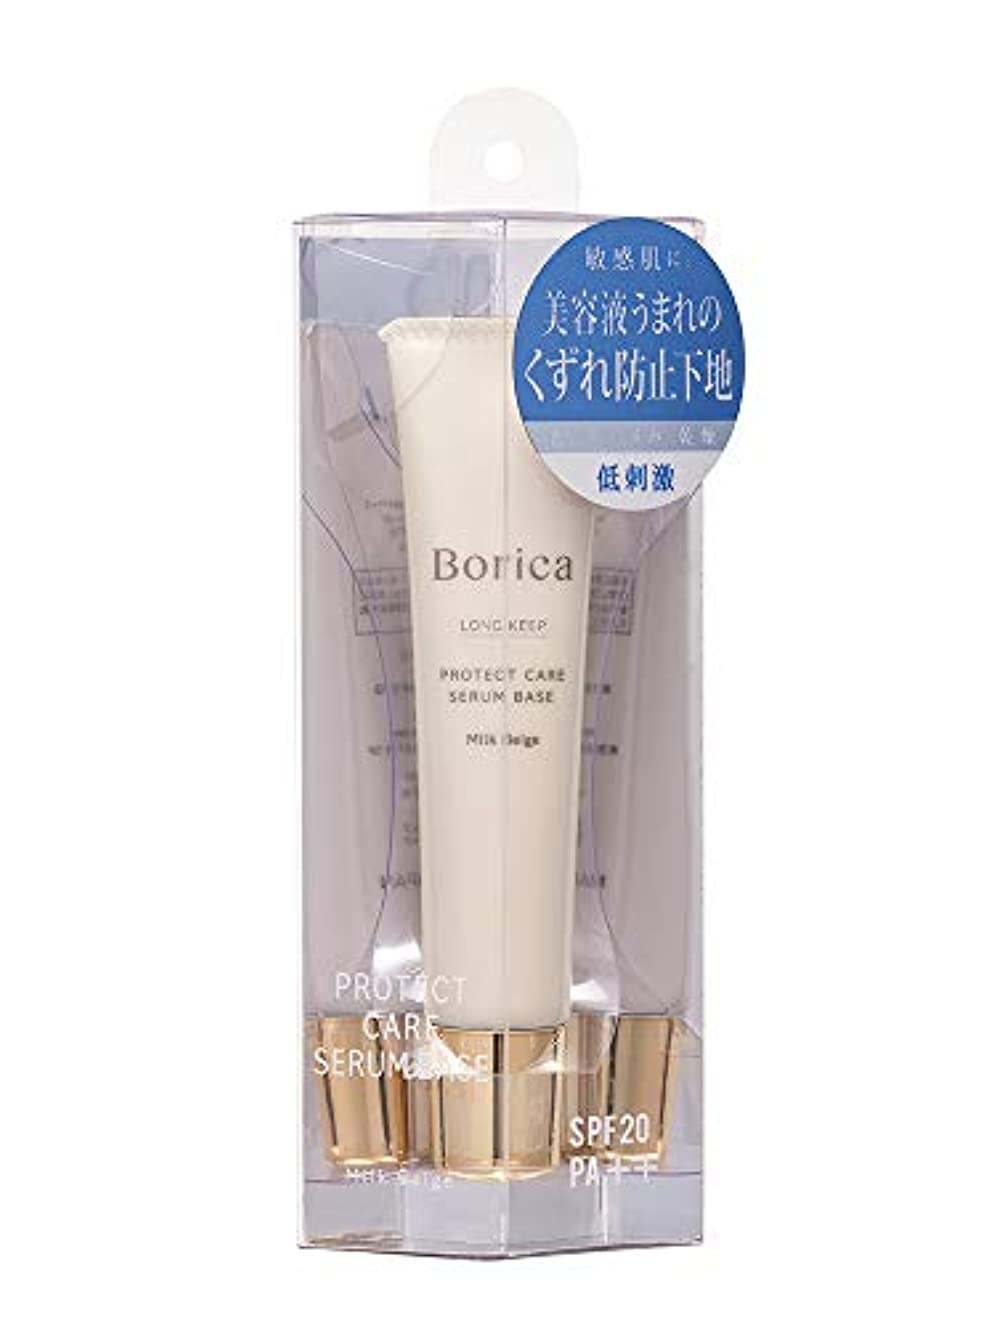 指紋固体スカウトBorica ボリカ くずれ防止 美容液ケアベース<ミルクベージュ>